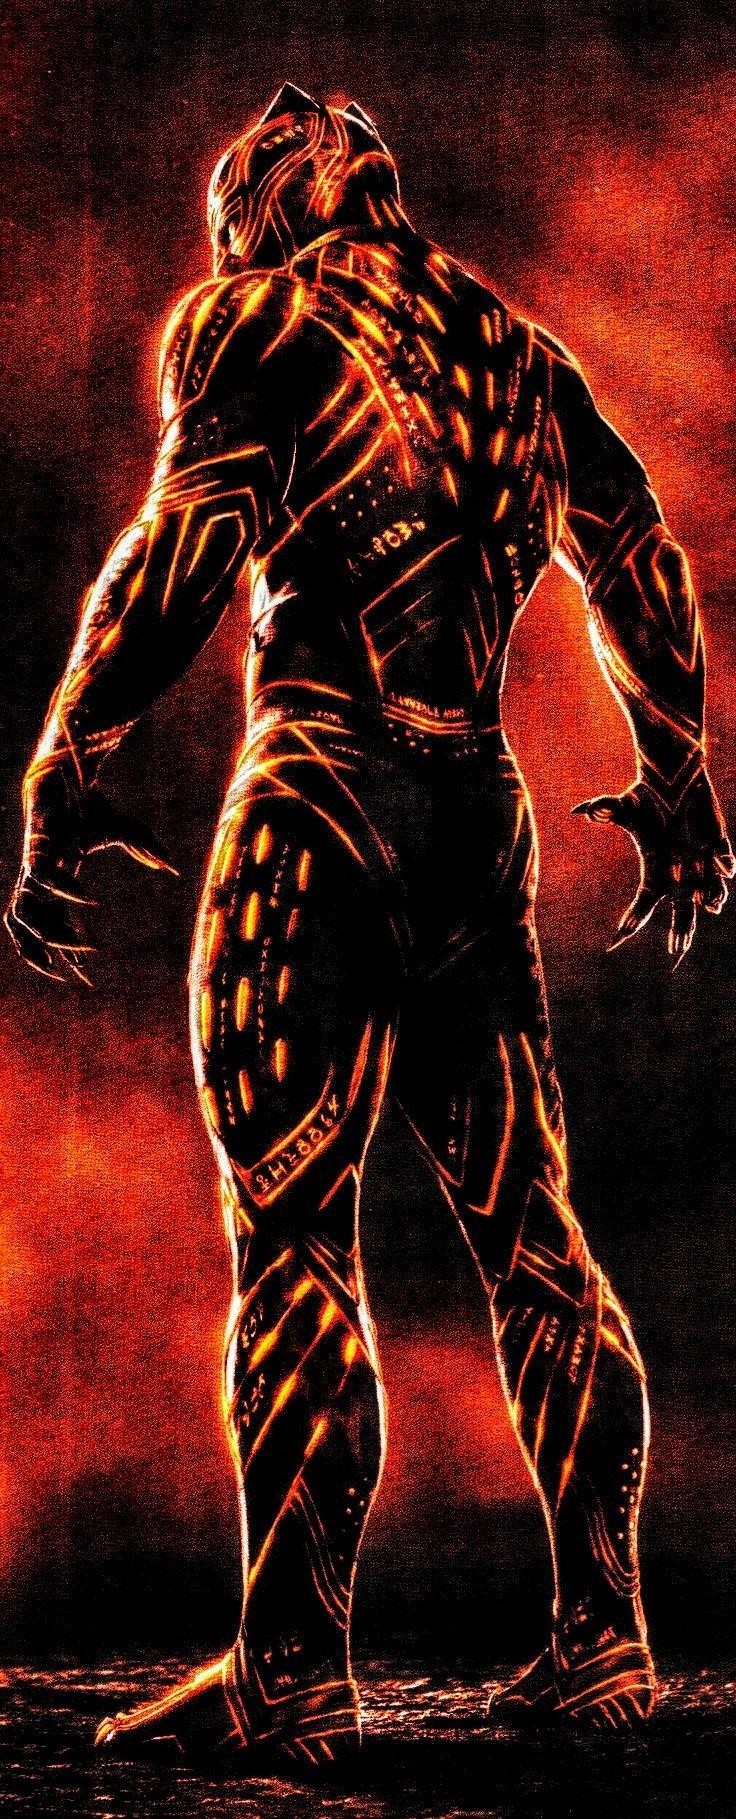 Black Panther Wallpaper Hd Black Panther Hd Wallpaper Black Panther Black Panther Marvel